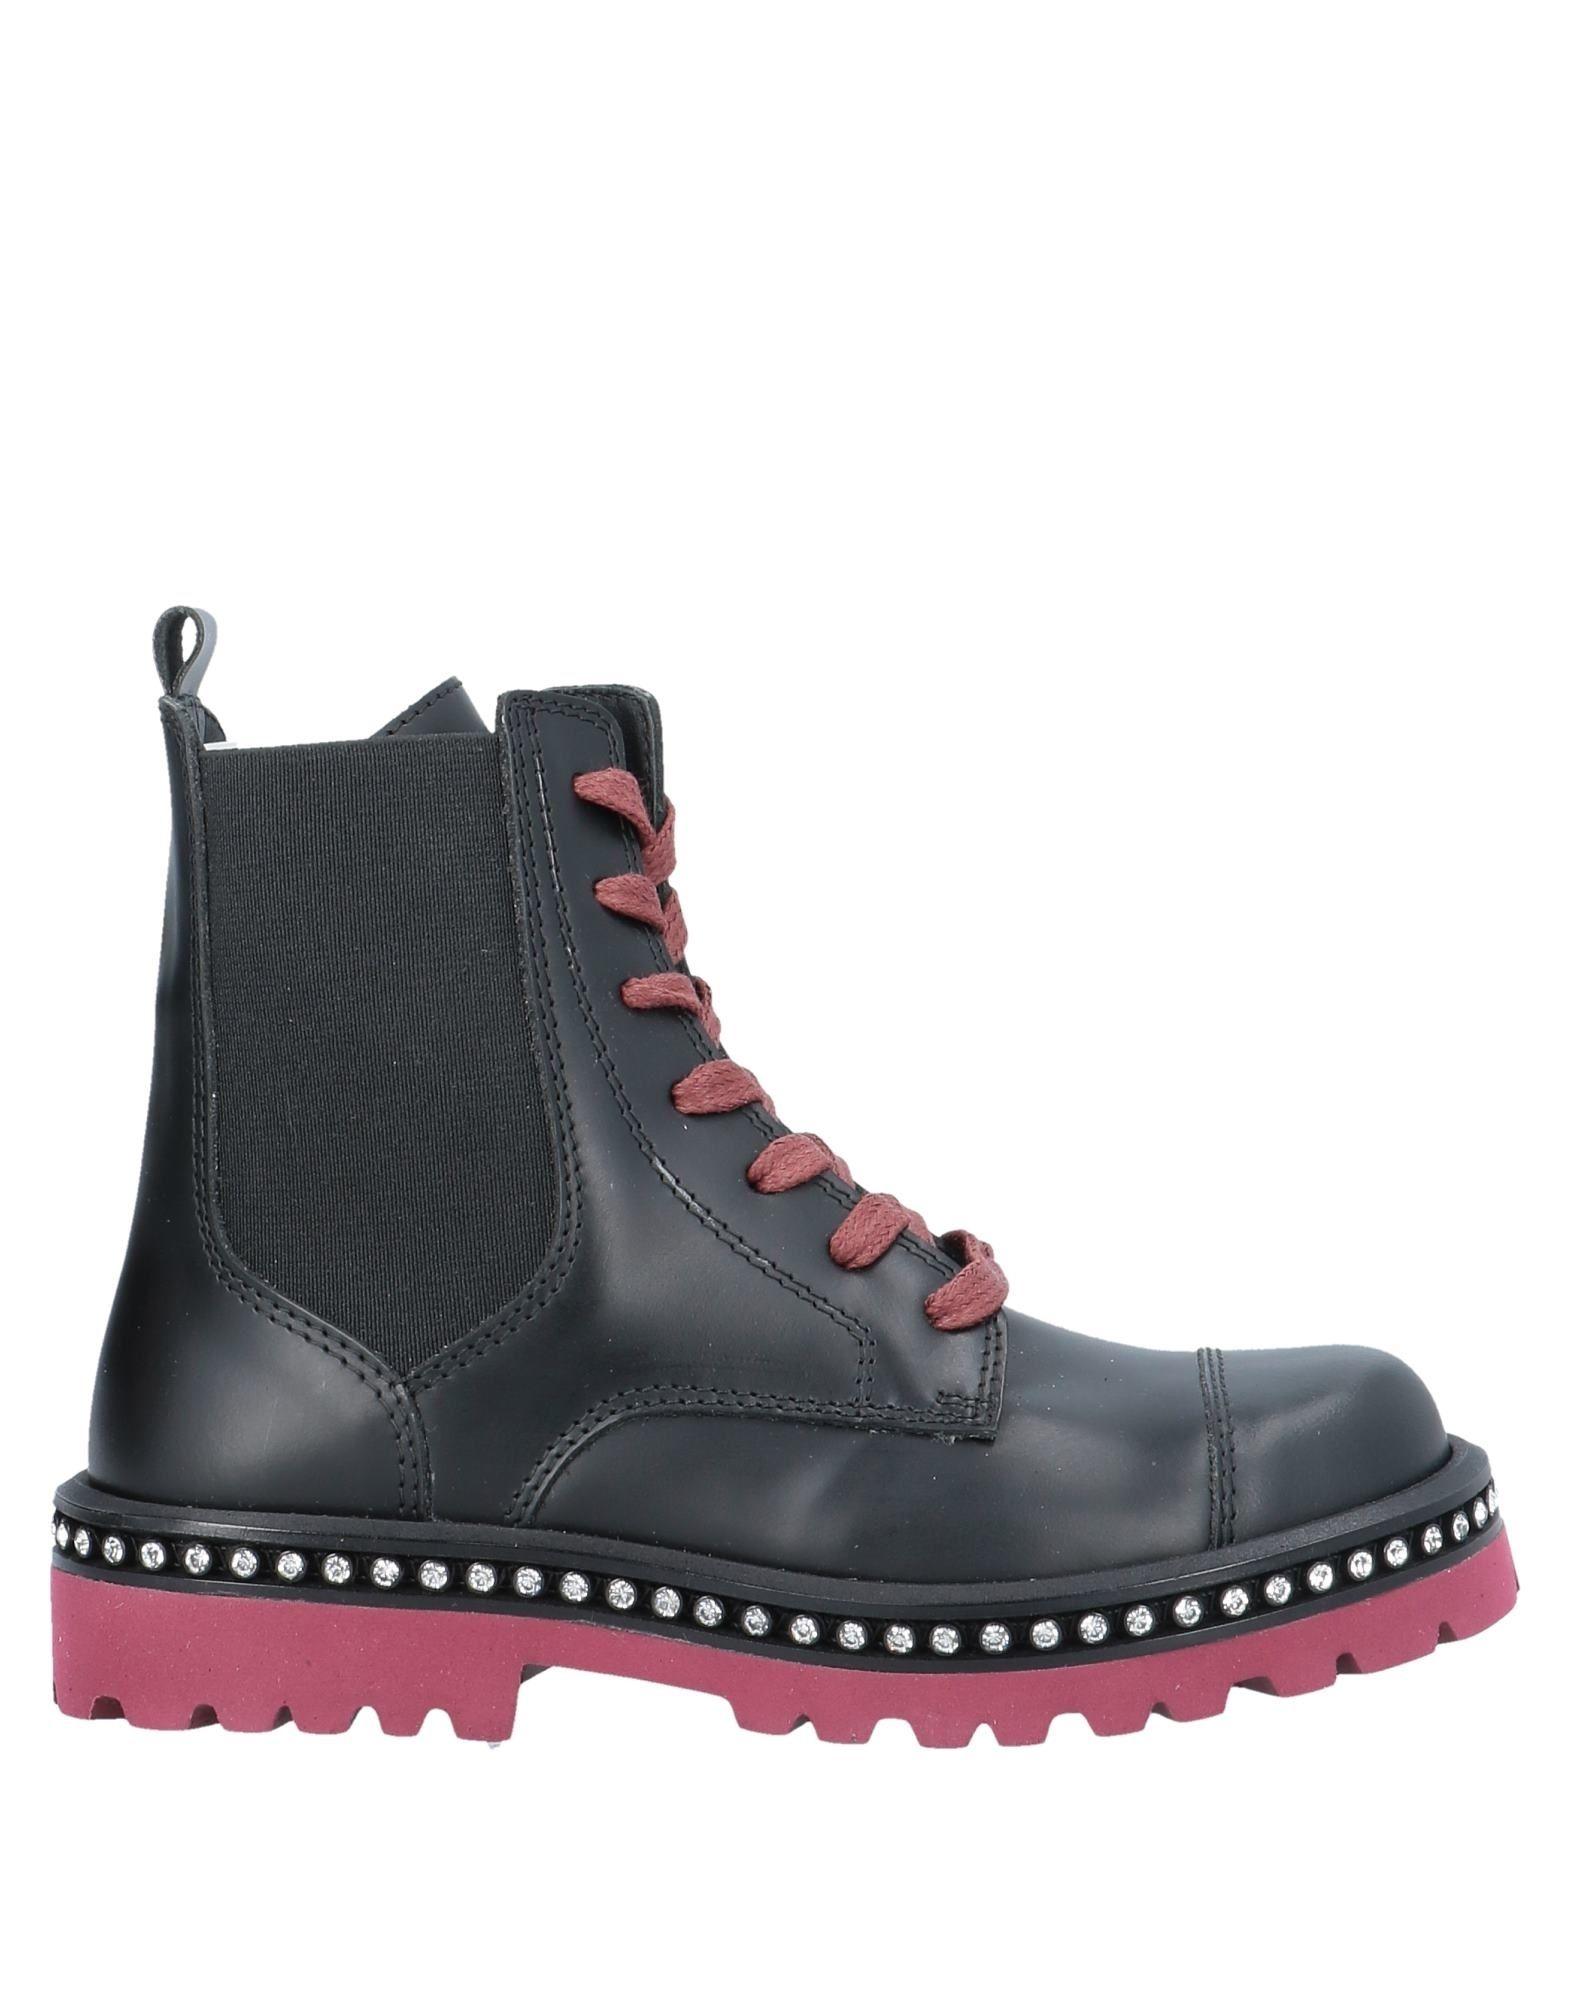 DOLCE & GABBANA   DOLCE & GABBANA Ankle Boots 11719829   Goxip